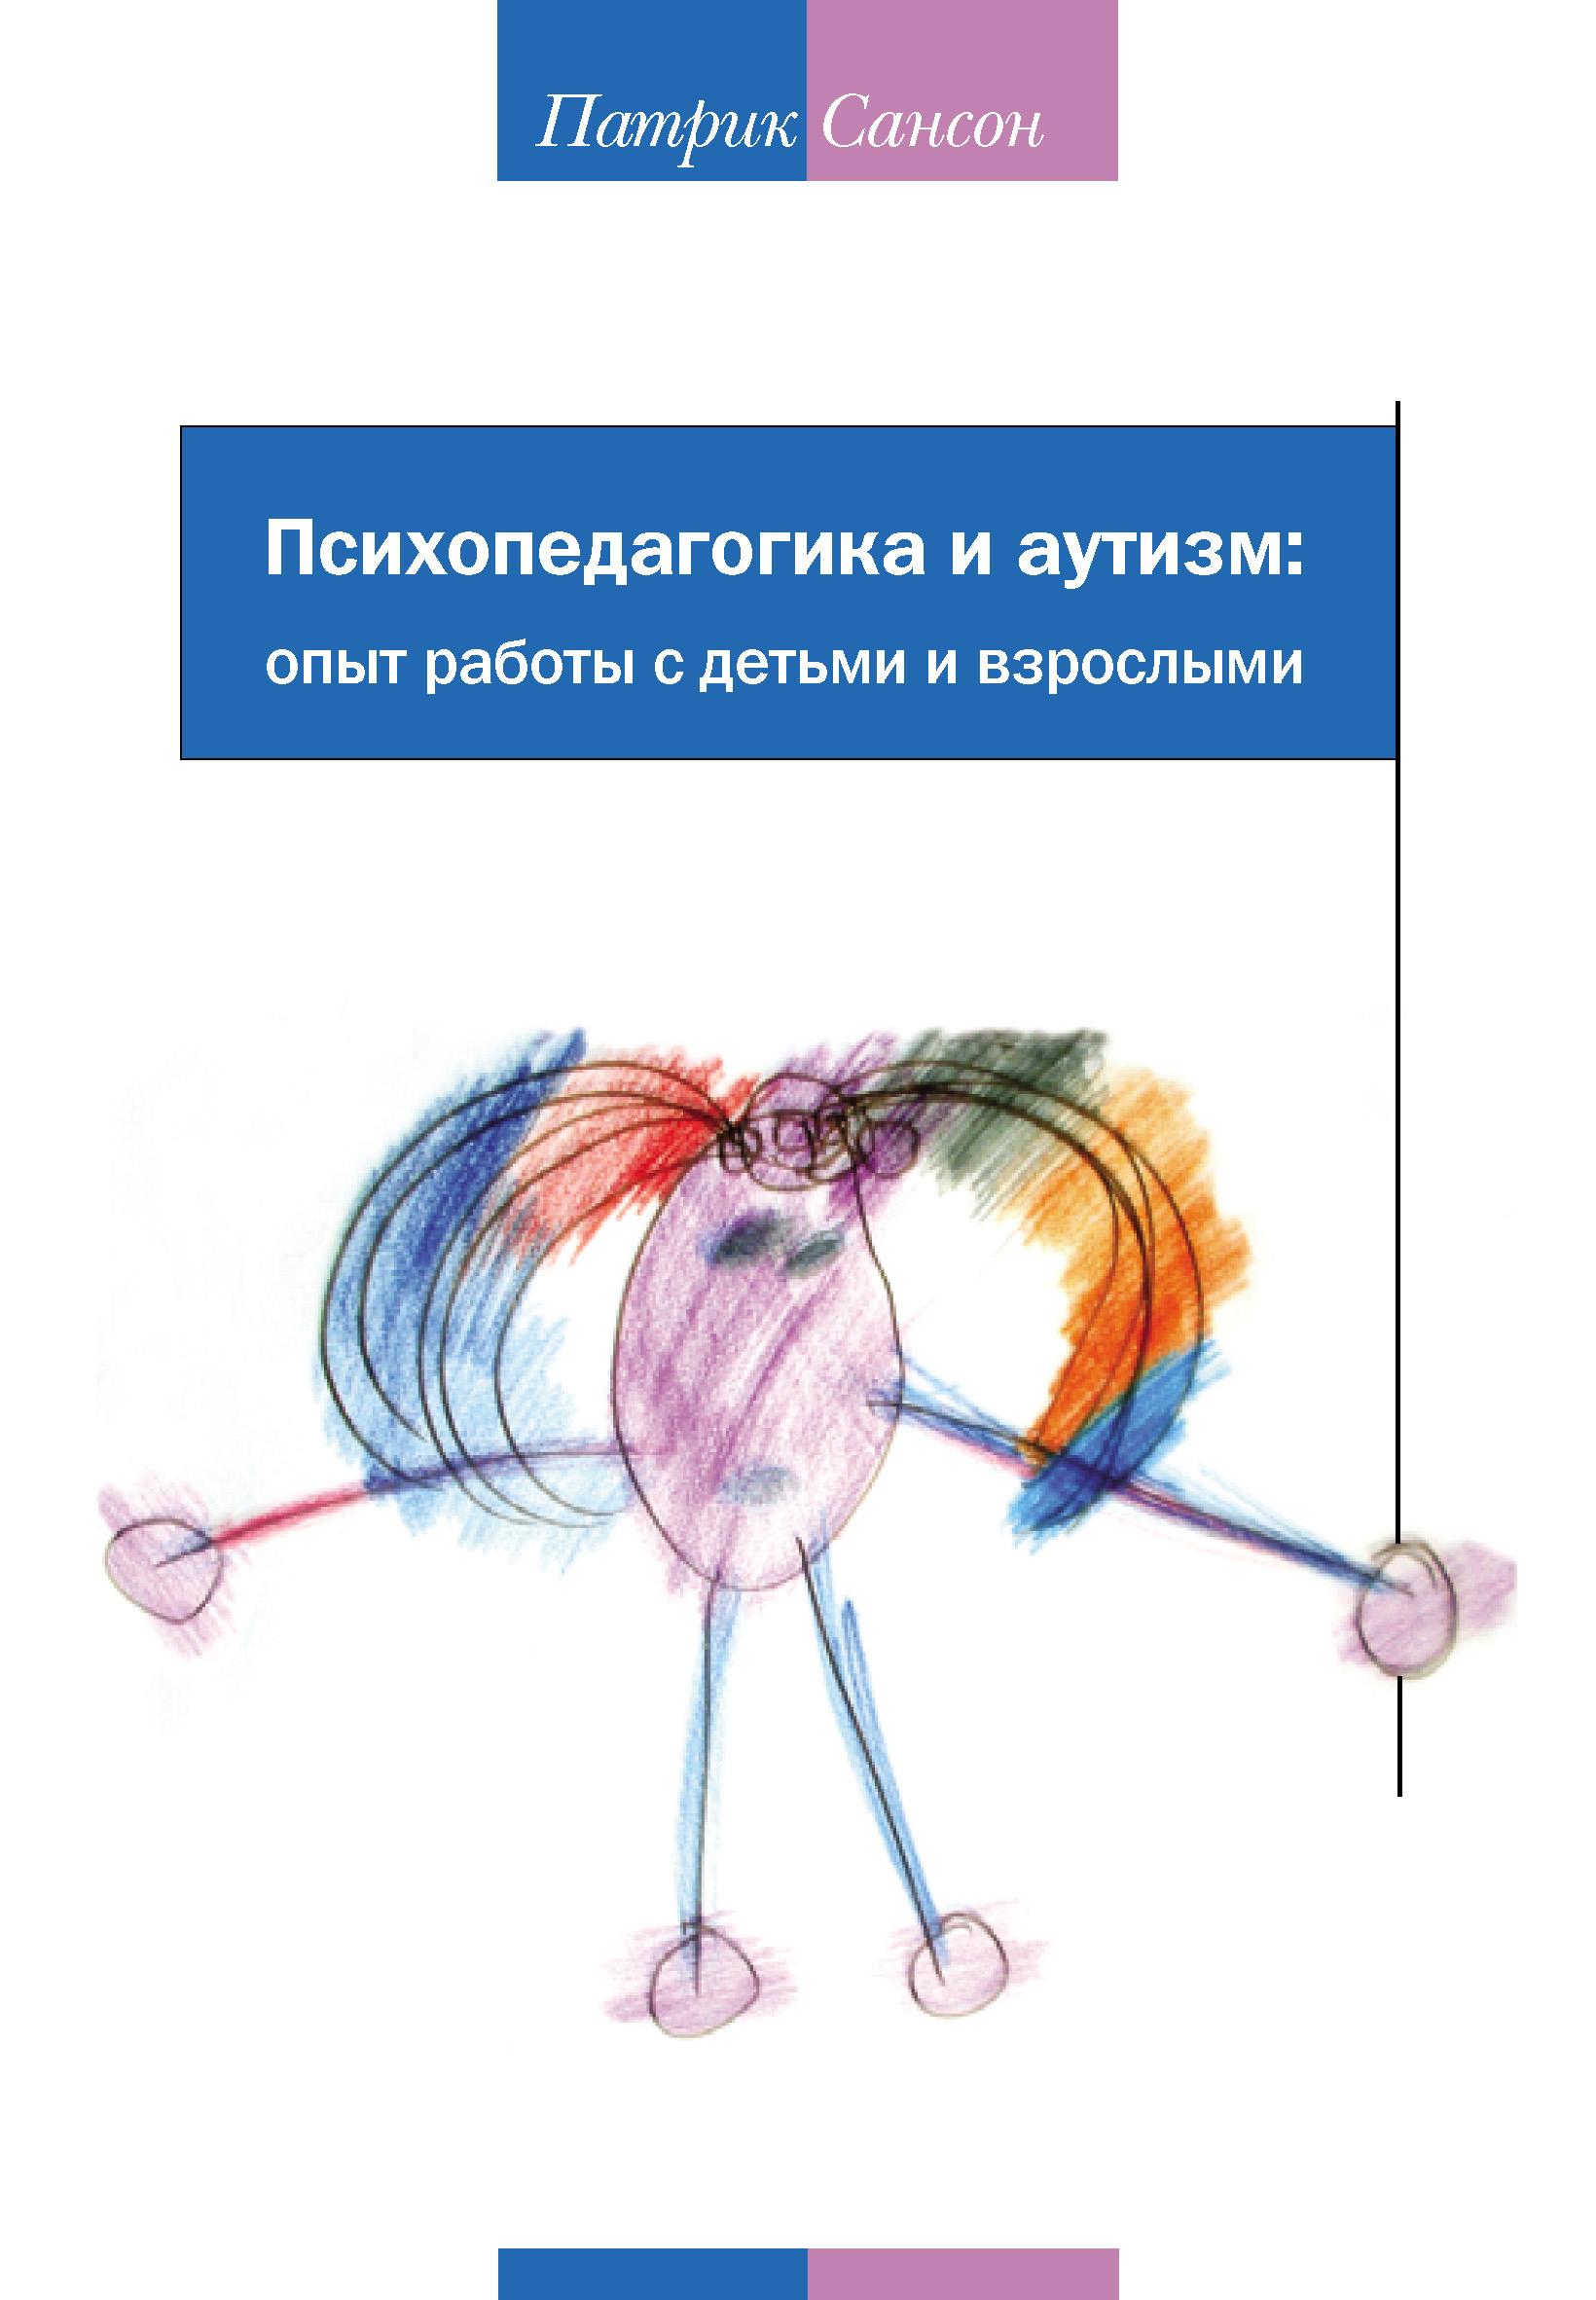 Патрик Сансон Психопедагогика и аутизм: опыт работы с детьми и взрослыми гринспен с на ты с аутизмом использование методики floortime для развития отношений общения и мышления